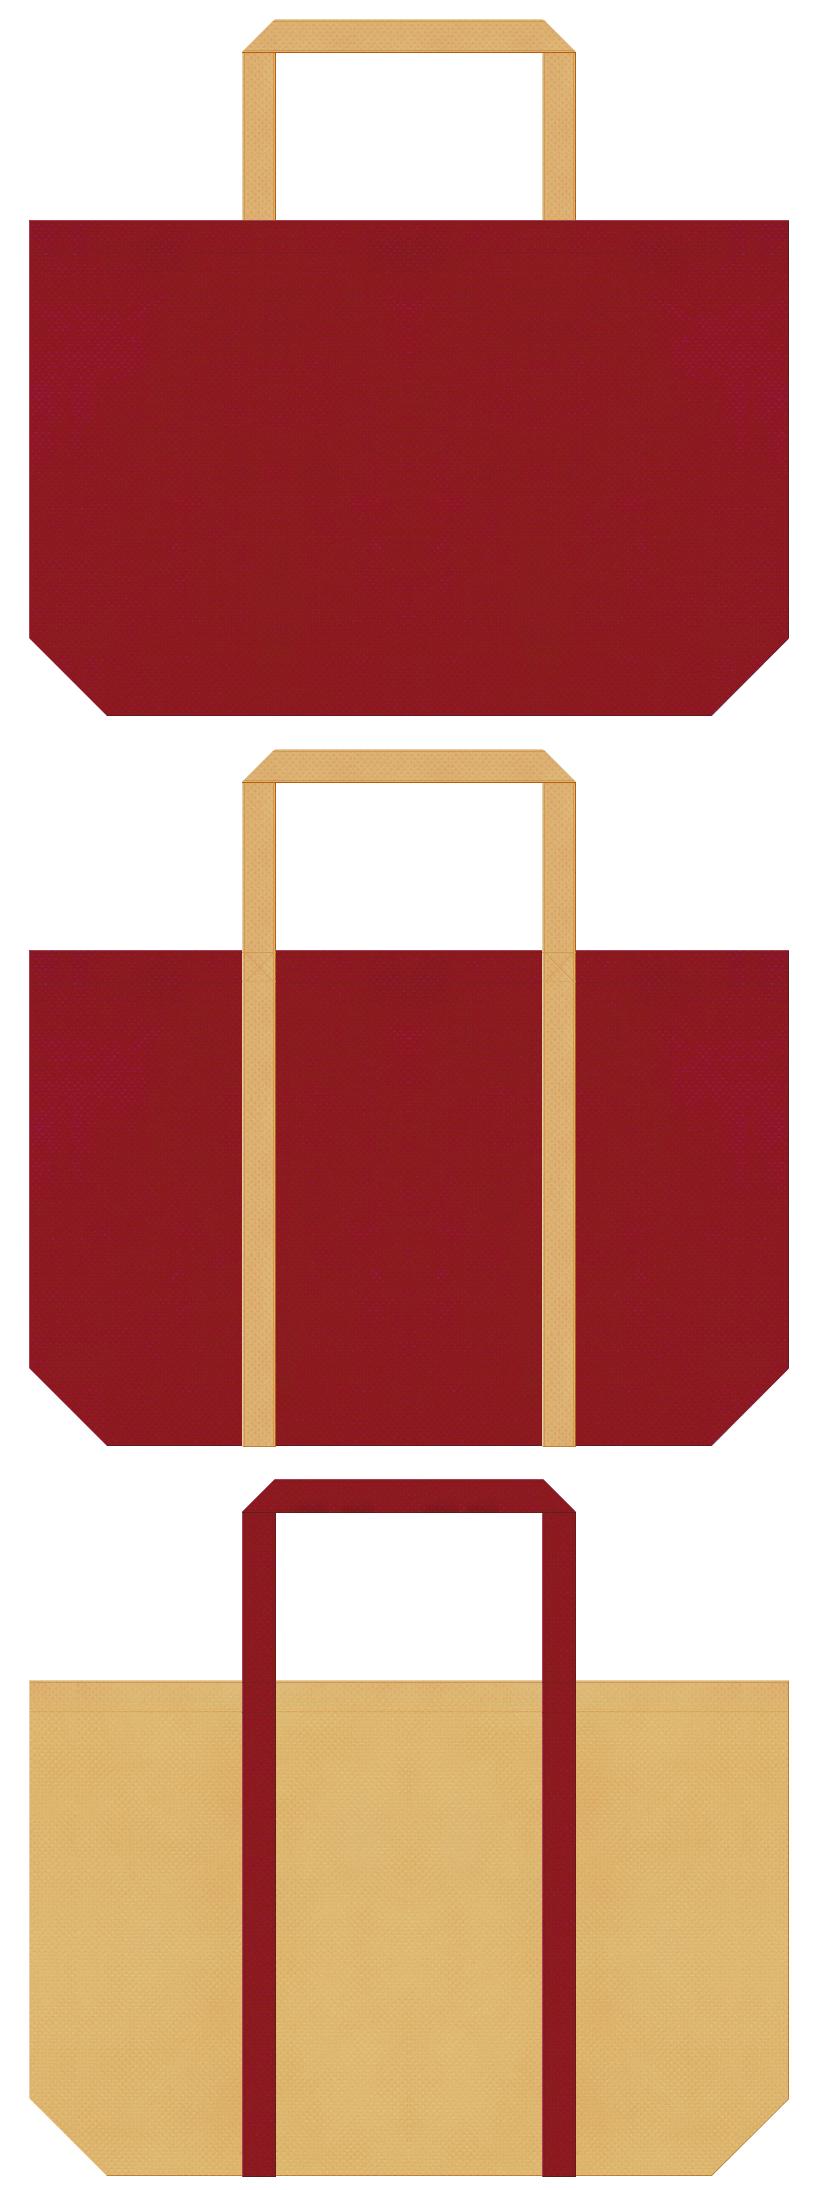 能・浄瑠璃・寄席・伝統芸能・邦楽・舞台・演芸場・和風催事・観光土産・カジュアル・アウトレットにお奨め:エンジ色と薄黄土色の不織布ショッピングバッグのデザイン